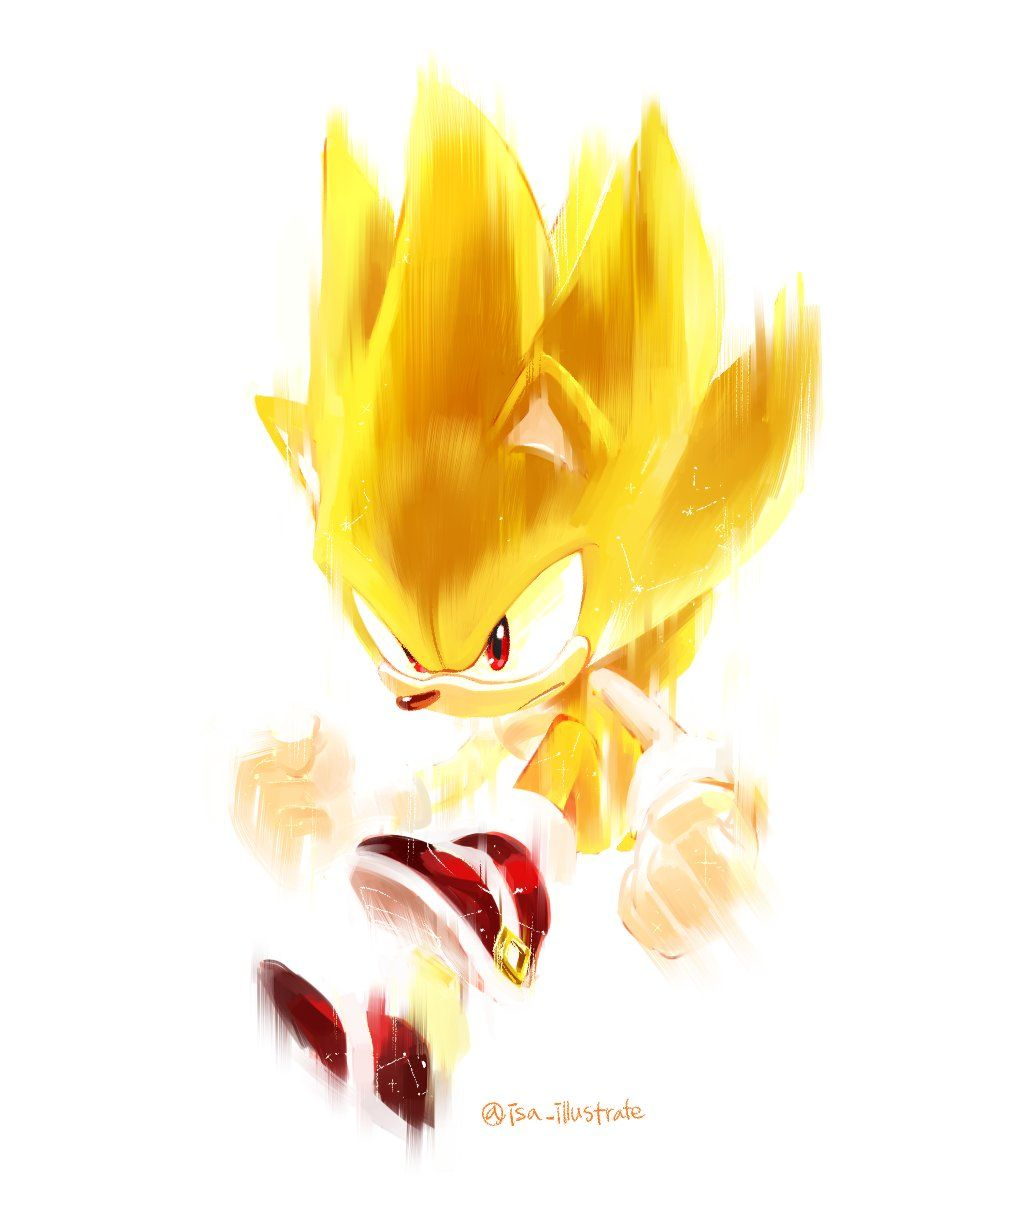 Pin By Skfot On Sonic In 2021 Sonic Art Sonic Fan Art Friends Art